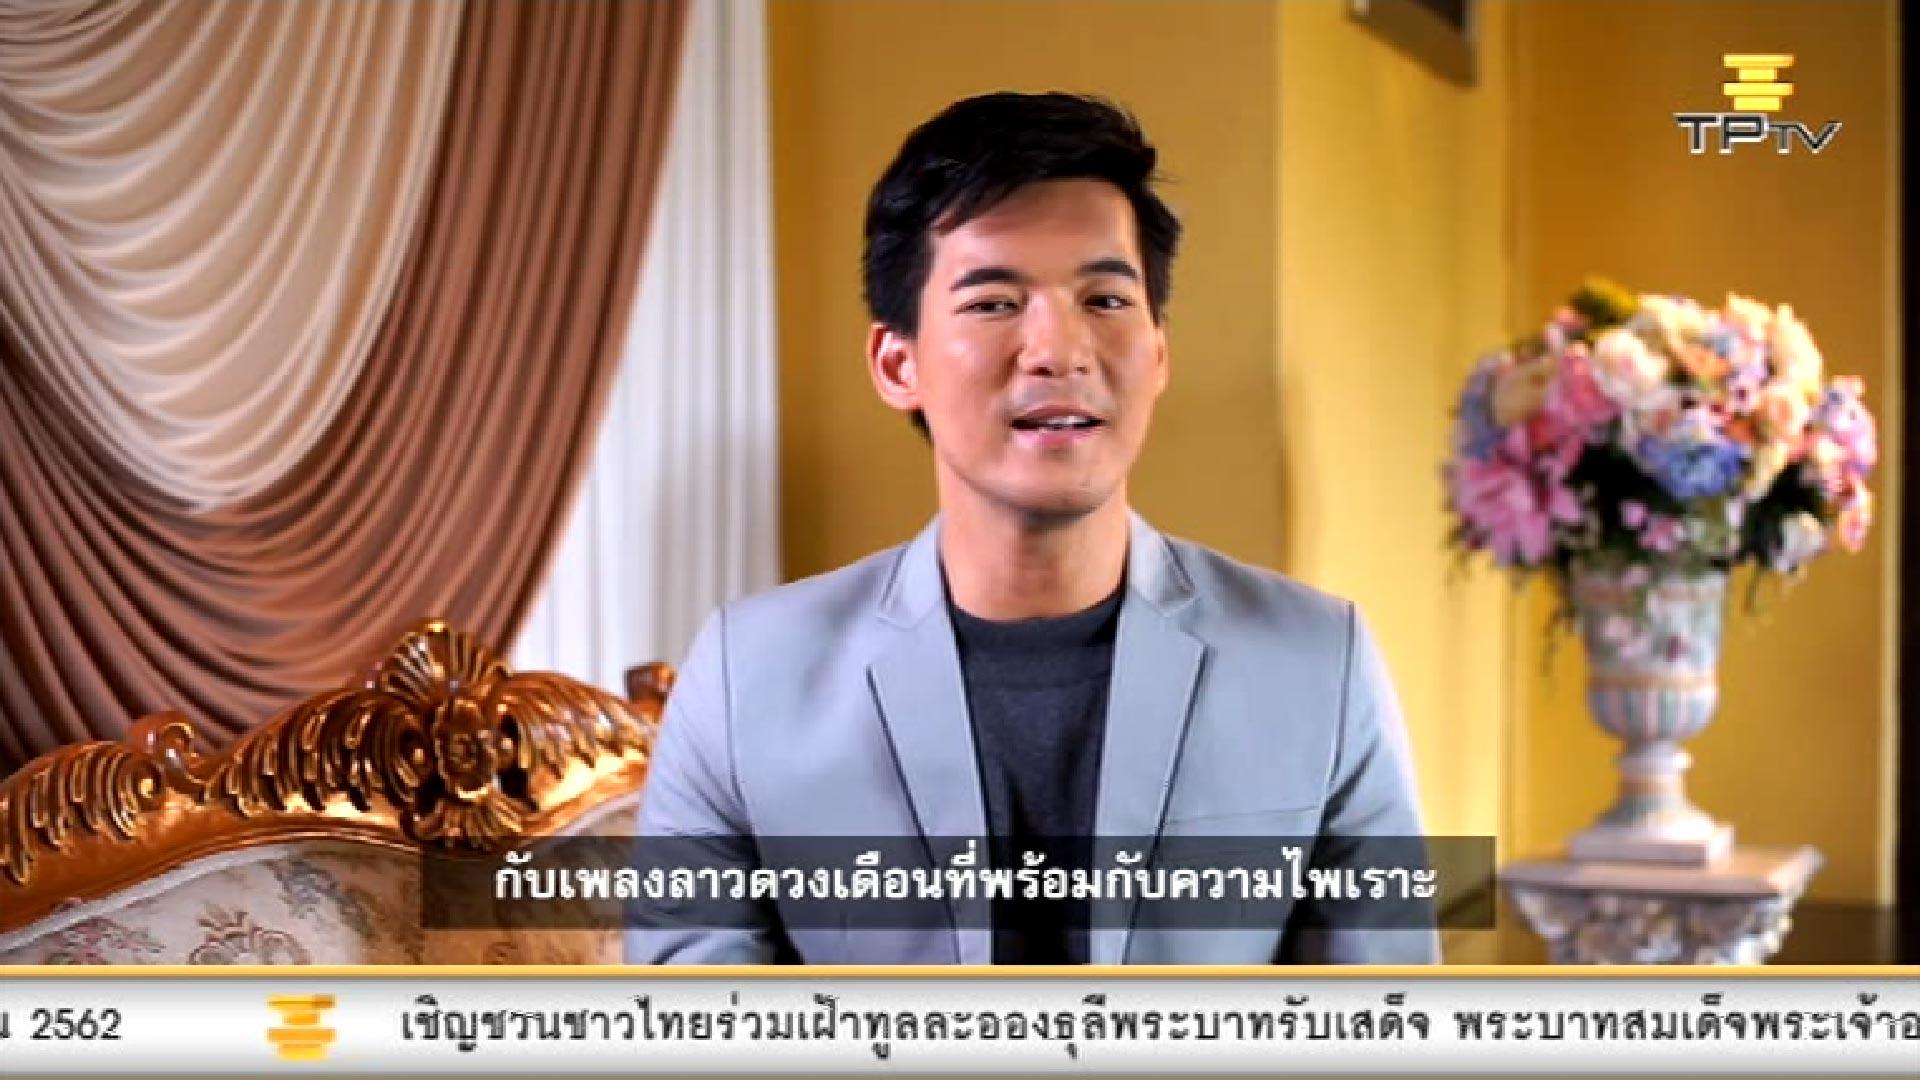 Frekuensi siaran TPTV di satelit Thaicom 5 Terbaru